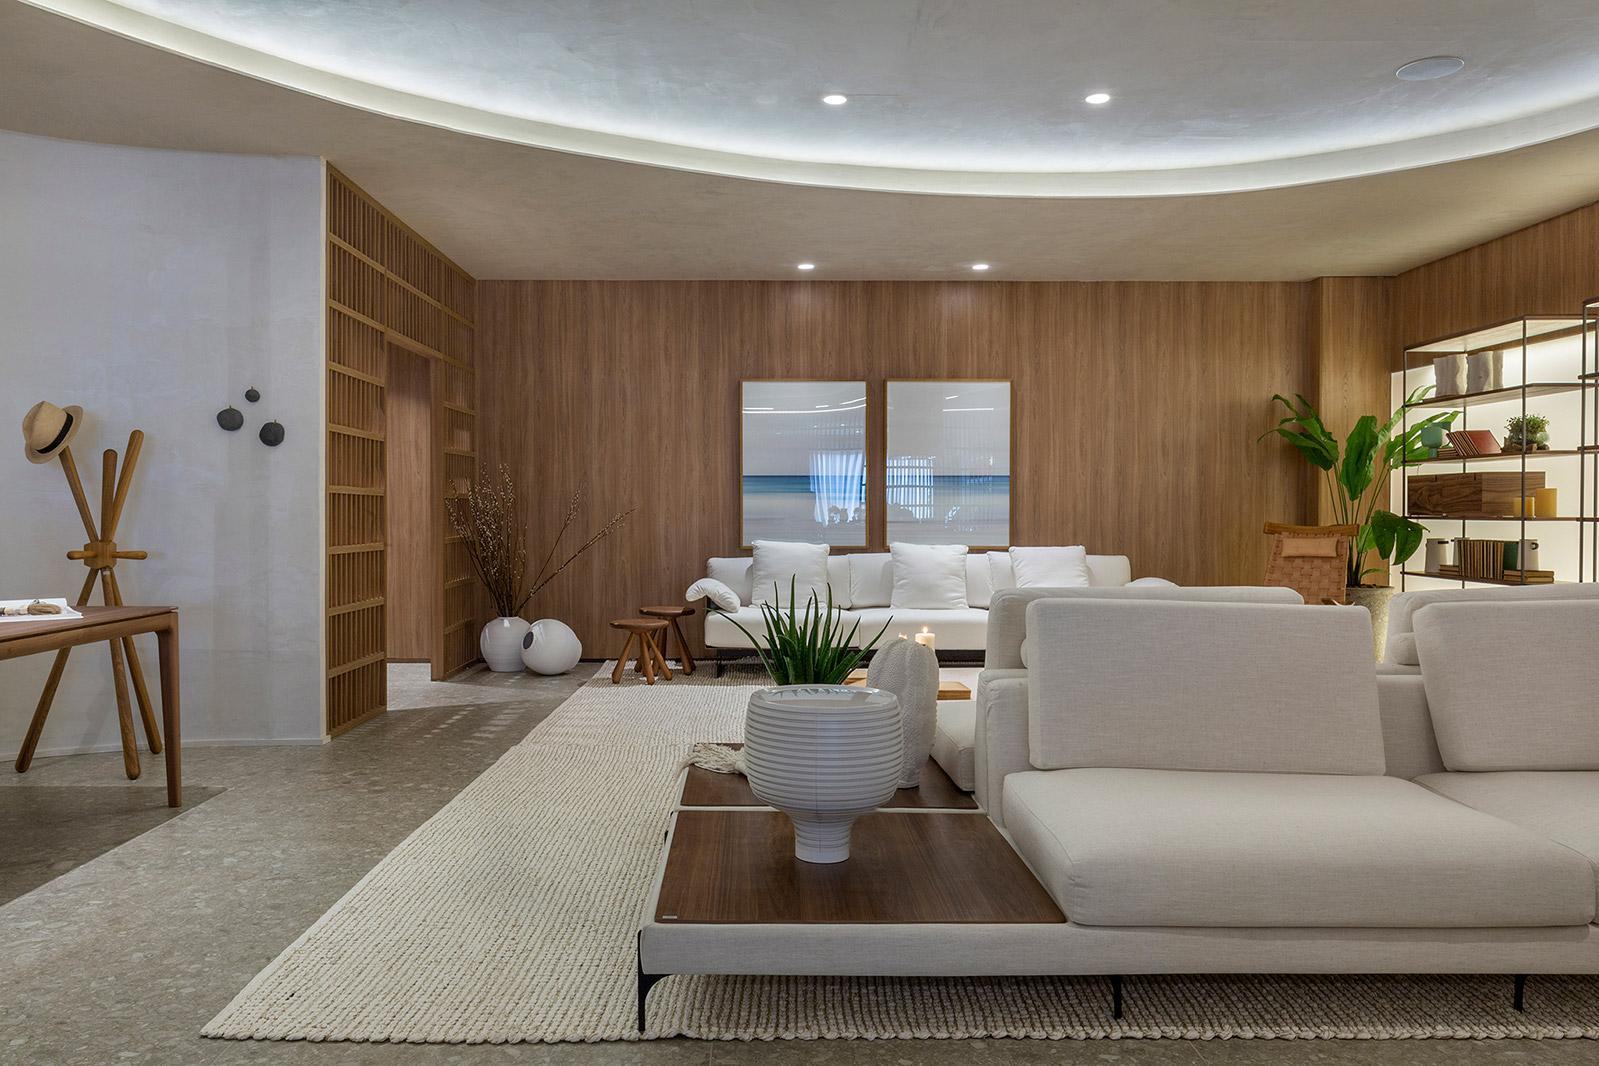 Ventura Casa Serena Anna Paula Melo CASACOR Goiás 2021 decoração design natural arquitetura